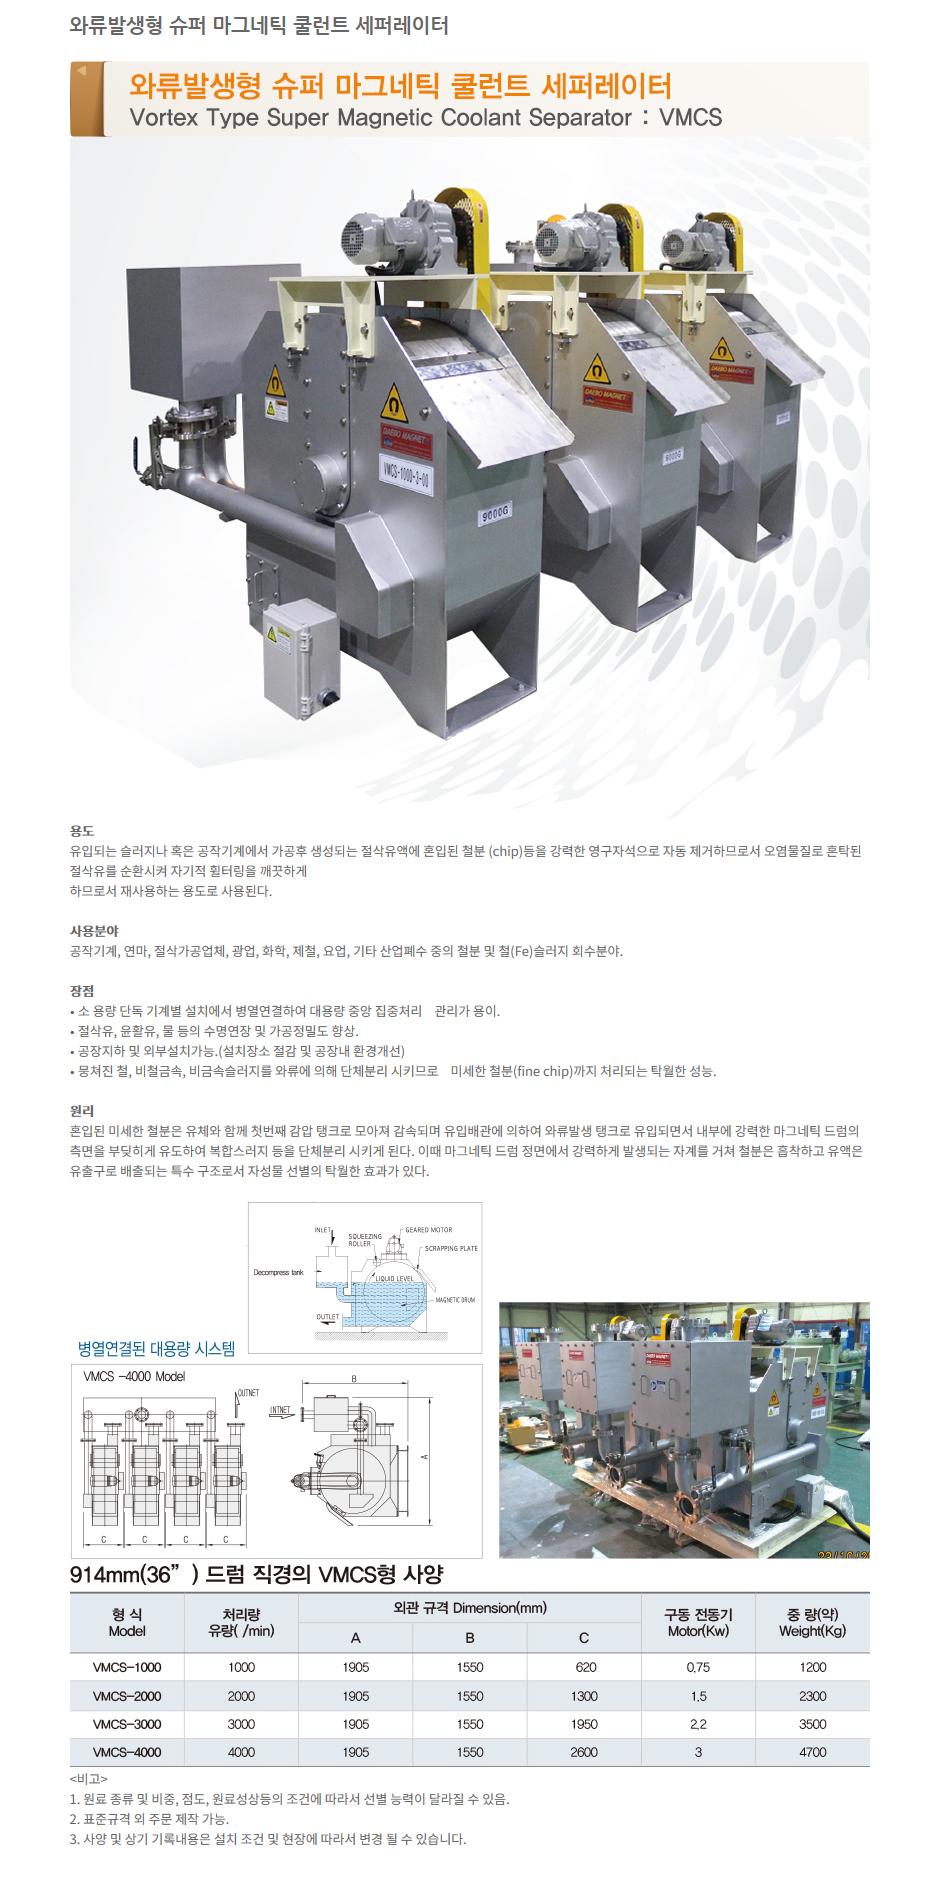 (주)대보마그네틱 와류발생형 슈퍼 마그네틱 쿨런트 세퍼레이터 VMCS